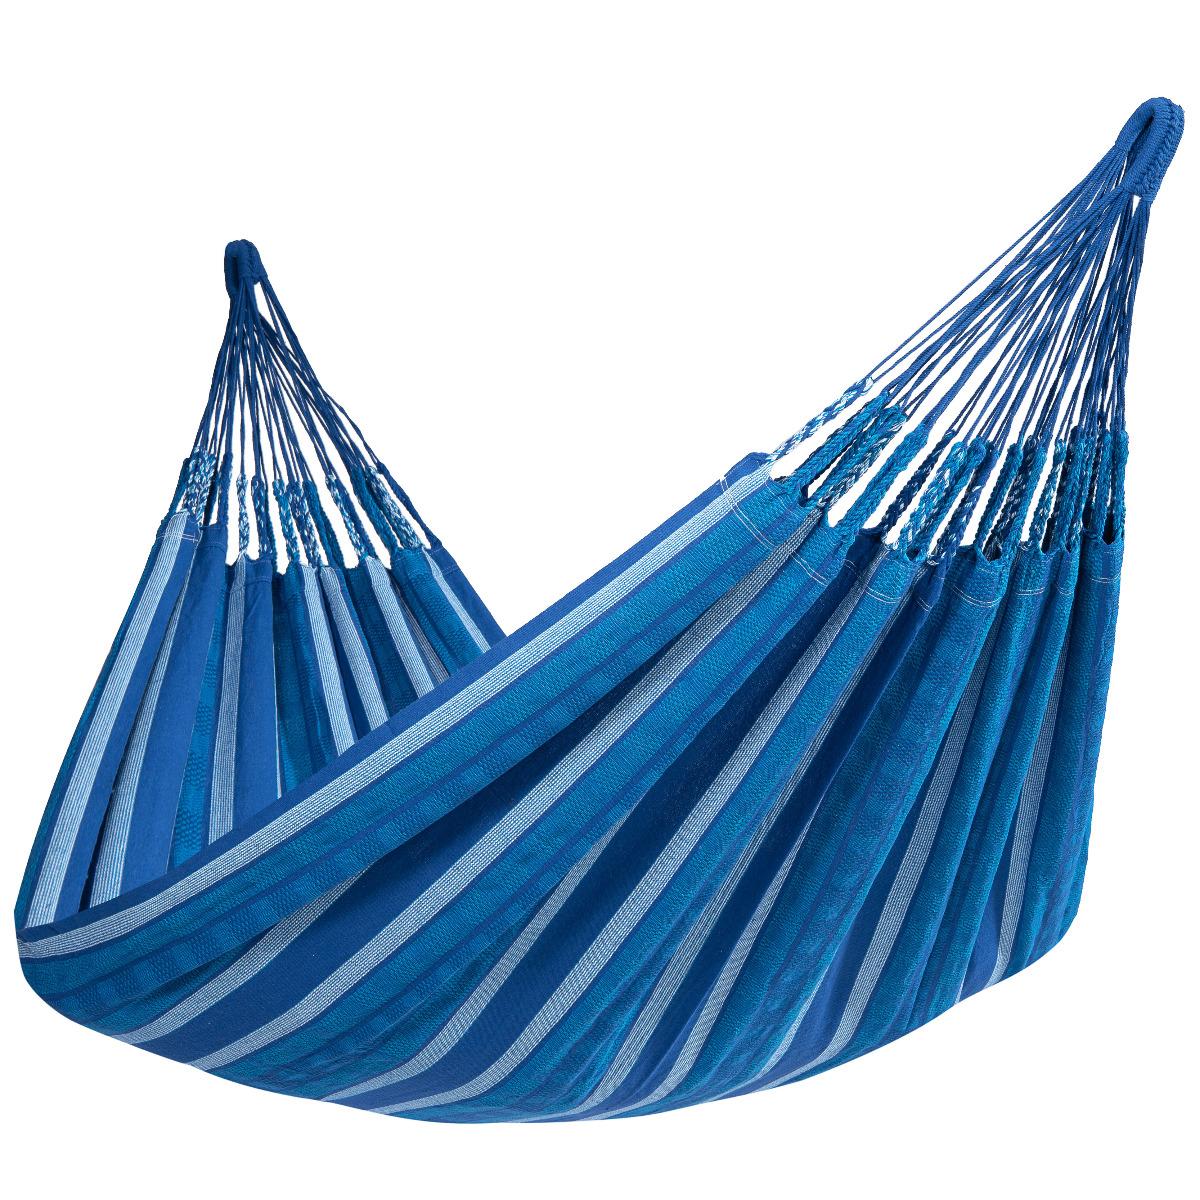 Hangmat 'Chill' Calm - Tropilex �